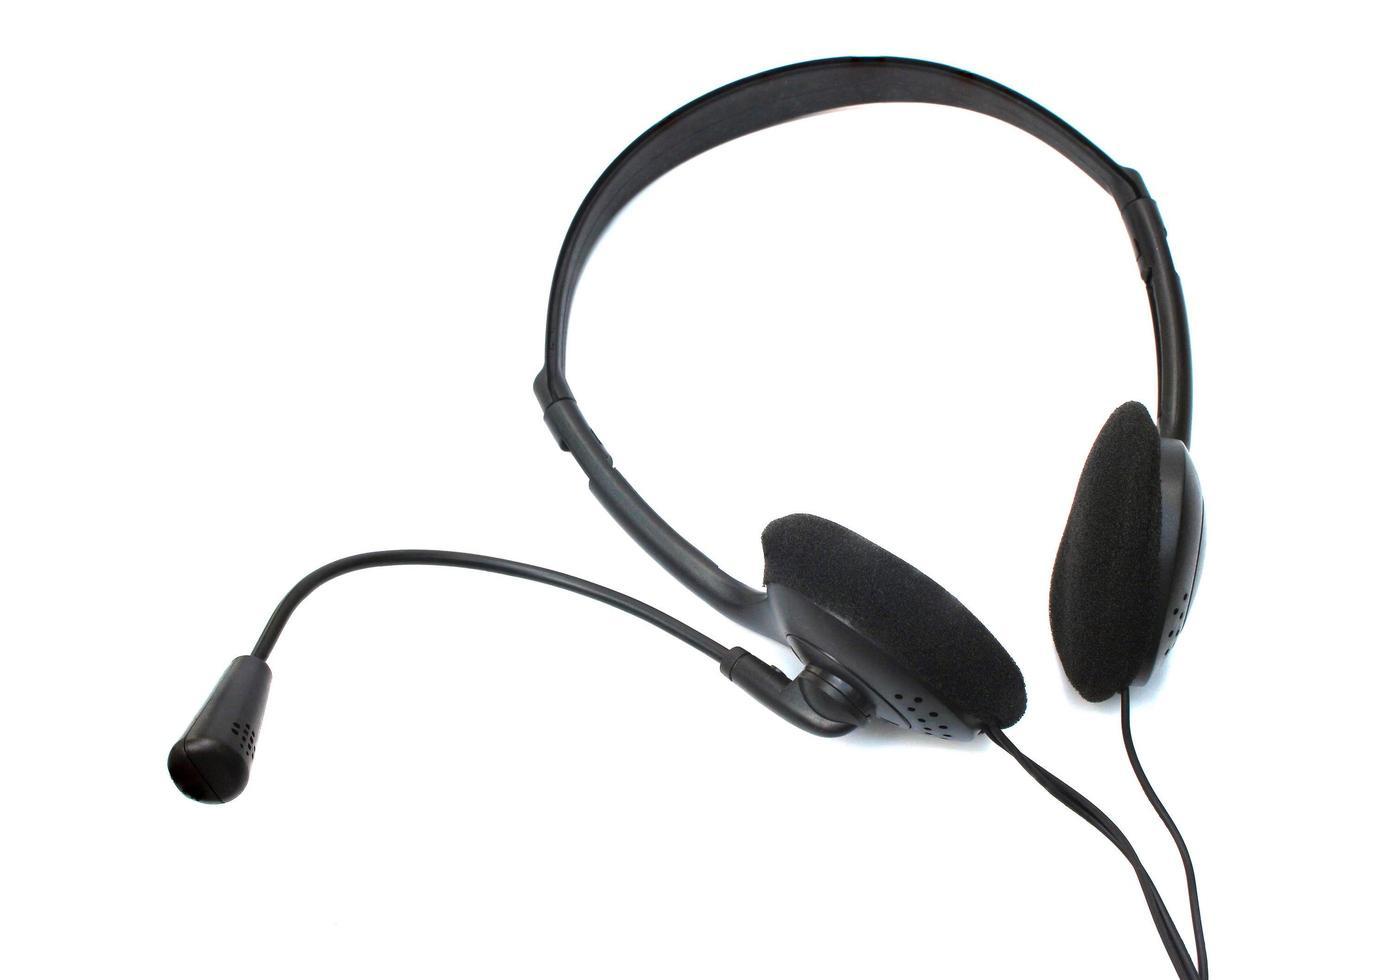 fone de ouvido preto em branco foto